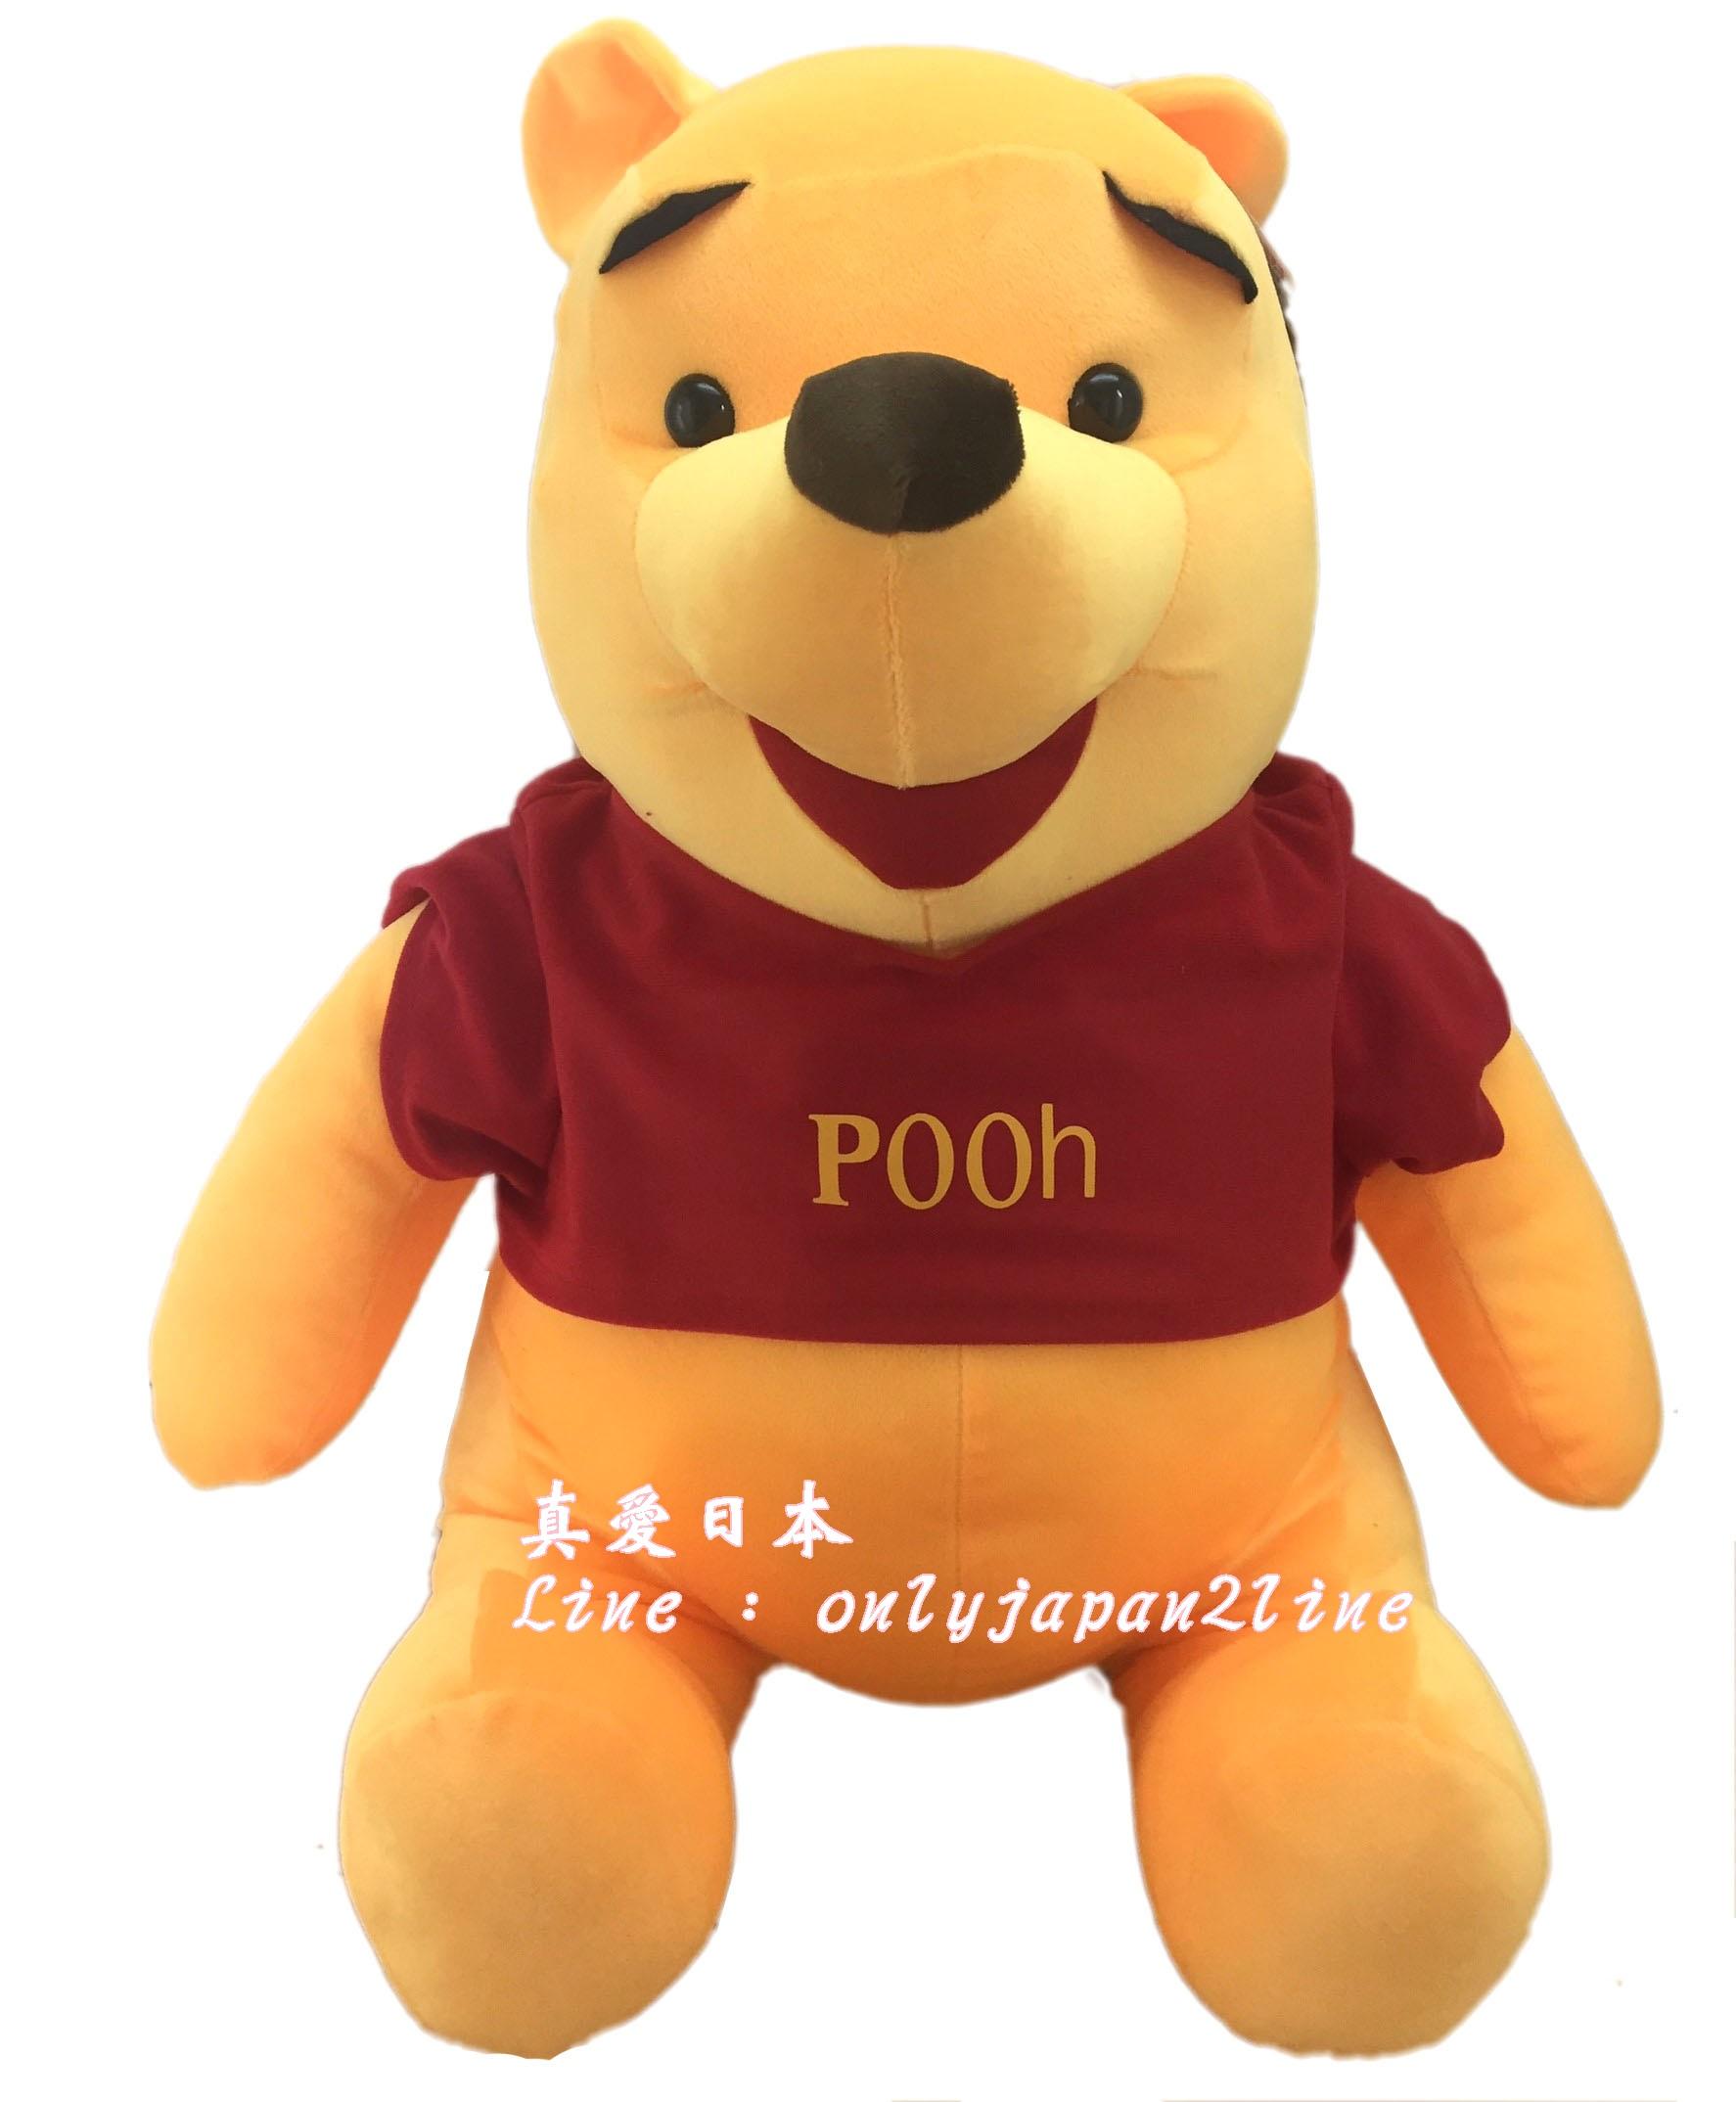 【真愛日本】16112300023坐姿紅衣-10吋維尼    迪士尼 小熊維尼 POOH 維尼熊  娃娃  玩偶 擺飾